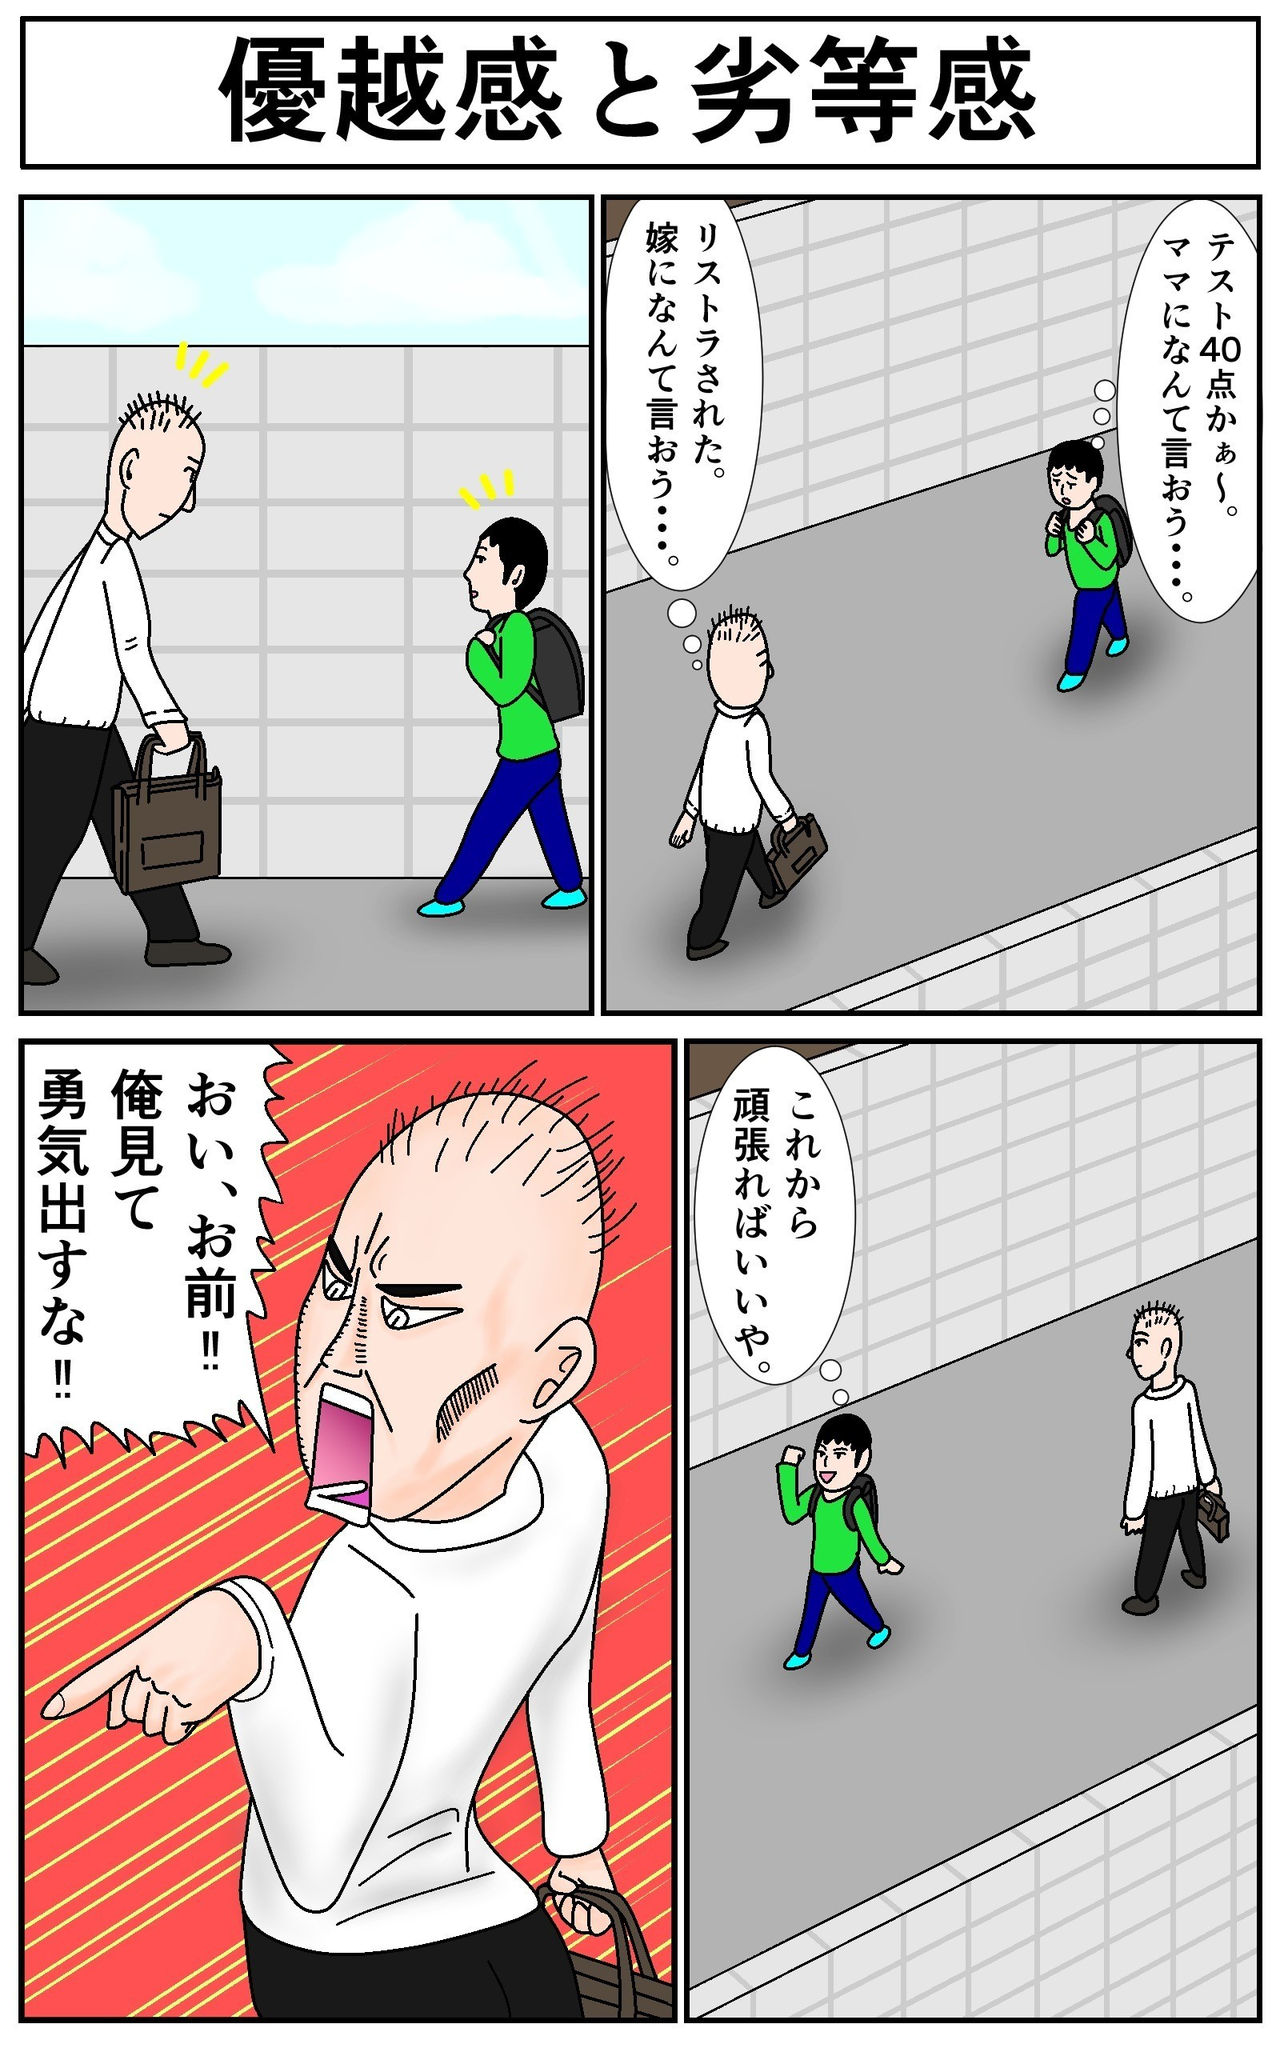 1P漫画を描きました。私は漫画、イラスト等の受注委託をしています。 http://yoshisumi02.com/%E3%83%9D%E3%83%BC%E3%83%88%E3%83%95%E3%82%A9%E3%83%AA%E3%82%AA お気軽にご依頼ください。よろしくお願いいたします。